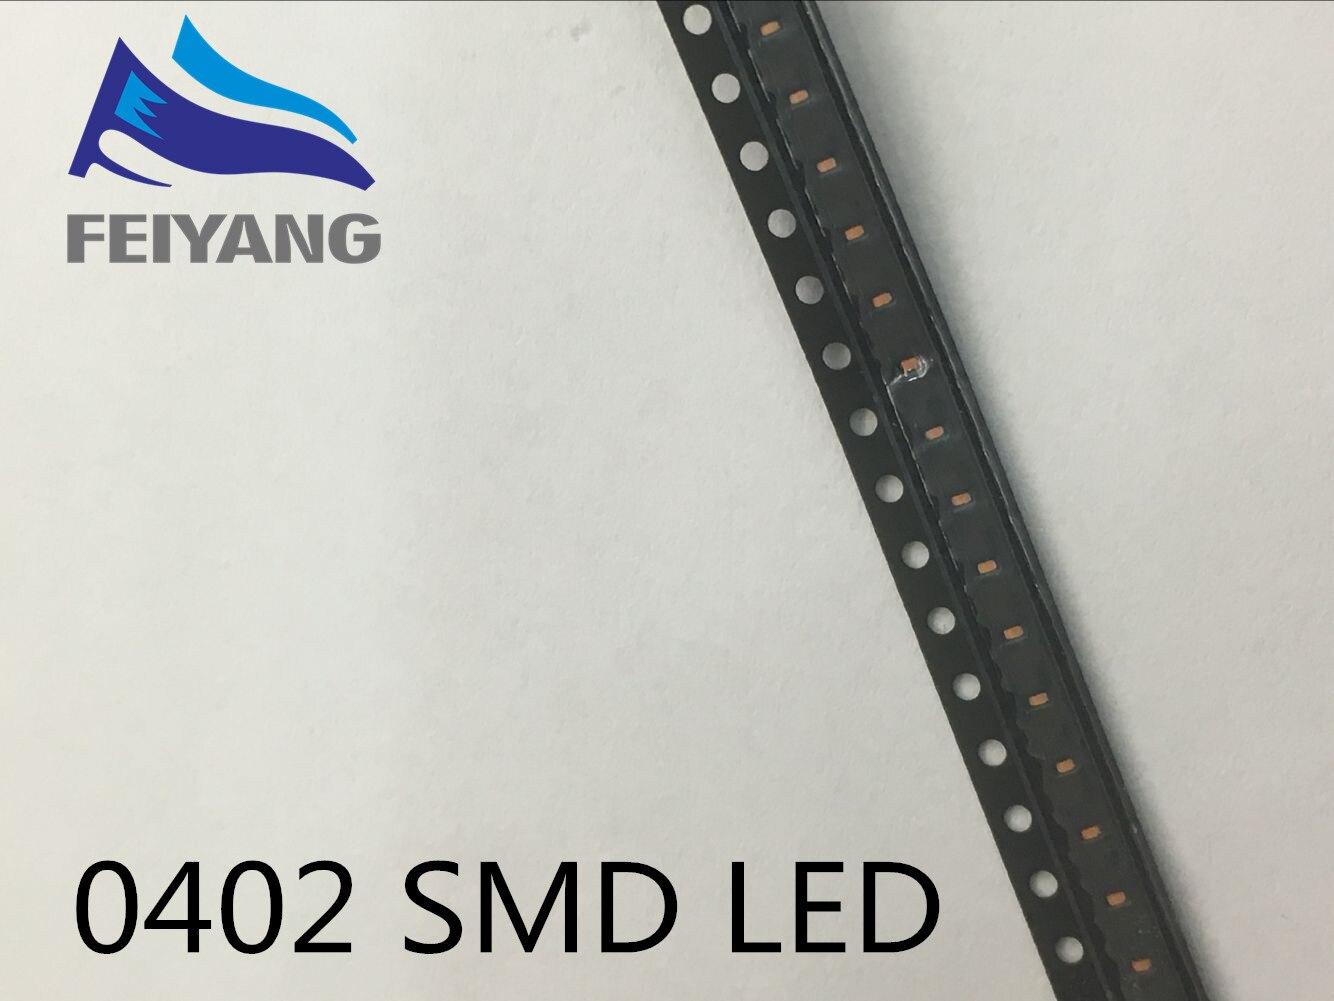 3000 шт. <font><b>0402</b></font> 1005 1.0&#215;0.5 мм красный свет <font><b>SMD</b></font> светодиод светодиодные лампы шарик 620-625NM 1.0*0.5*0.35 мм